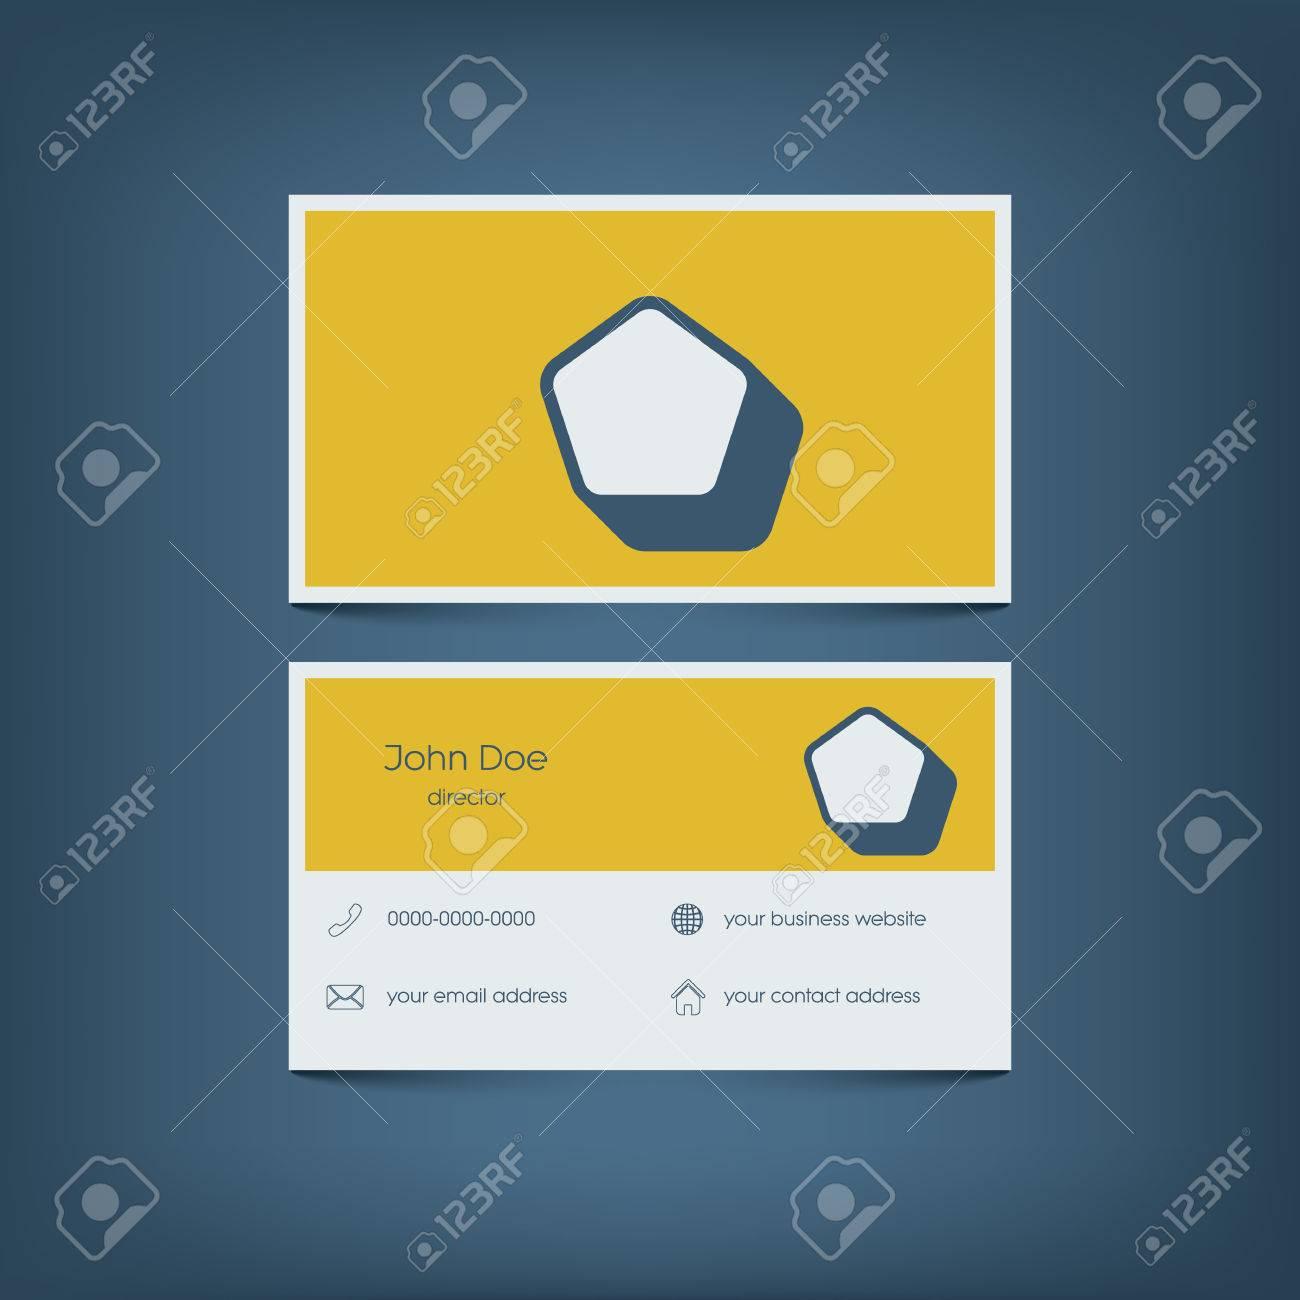 Plantilla De Tarjeta De Visita Moderna Diseño Plano. Interfaz ...